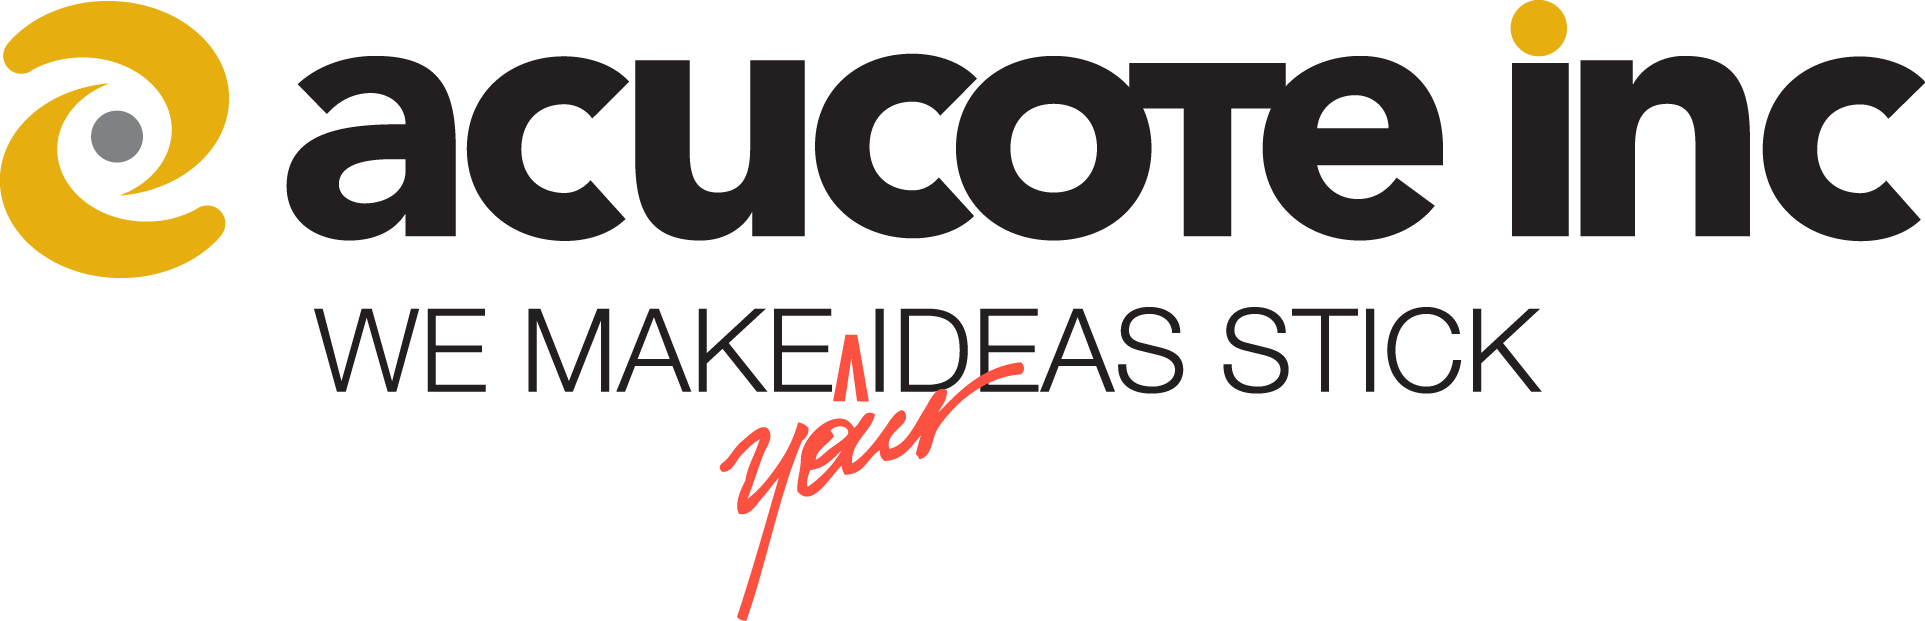 Acucote logo